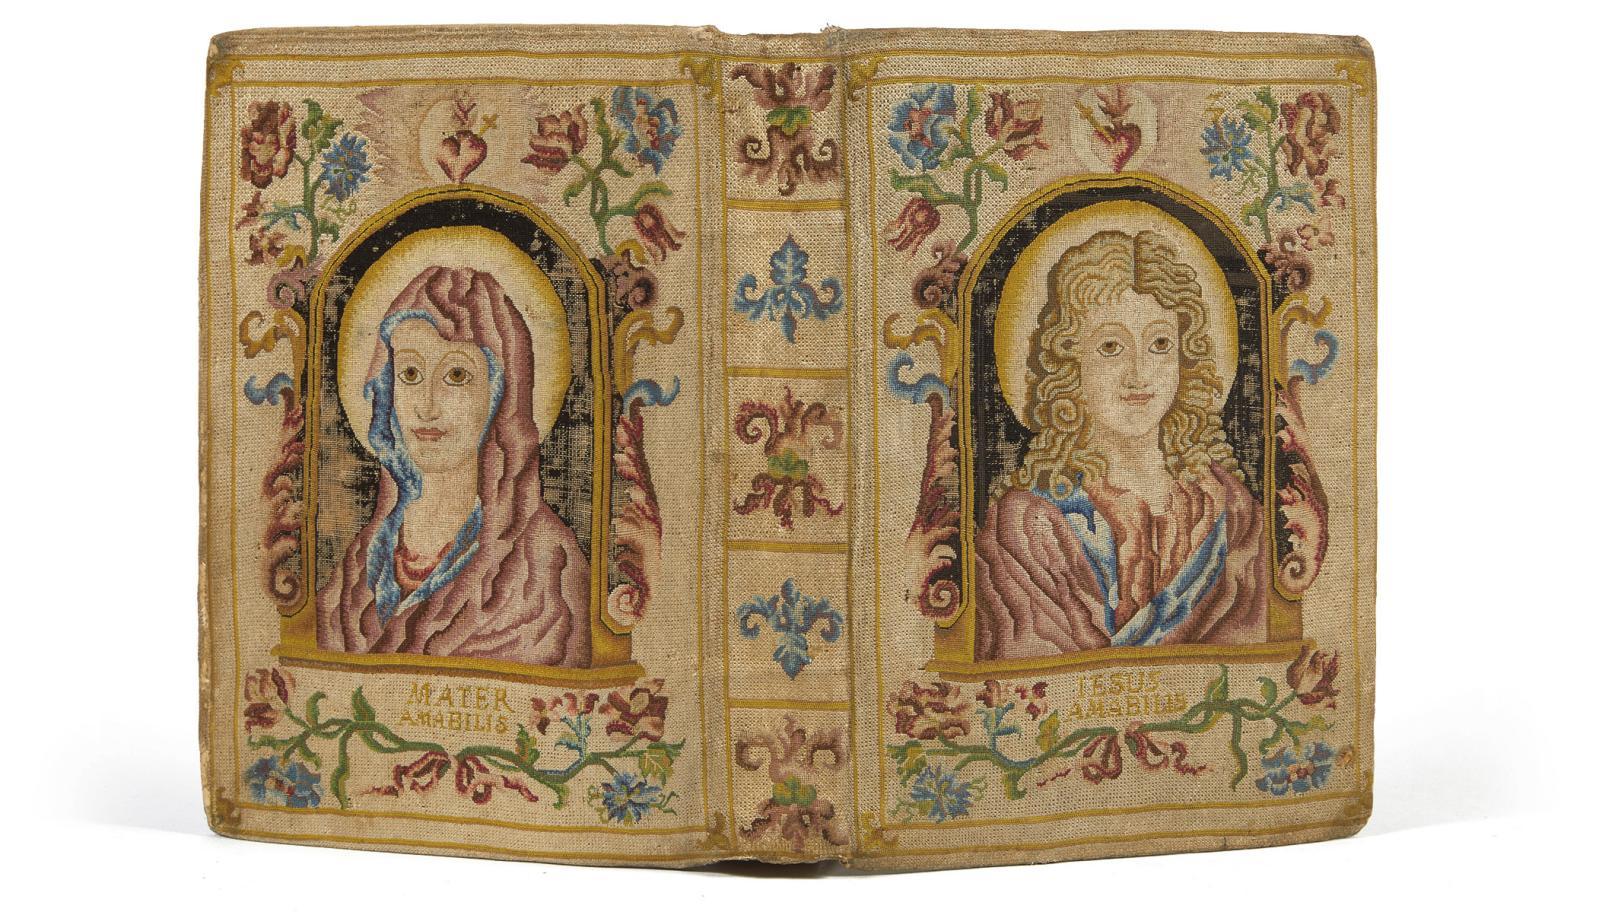 Missale romanum ex decreto sacrosancti Concilii Tridentini restitutum…,Venise, Nicolas Pezzana, 1736, in-4°, reliure en tapisserie, plats